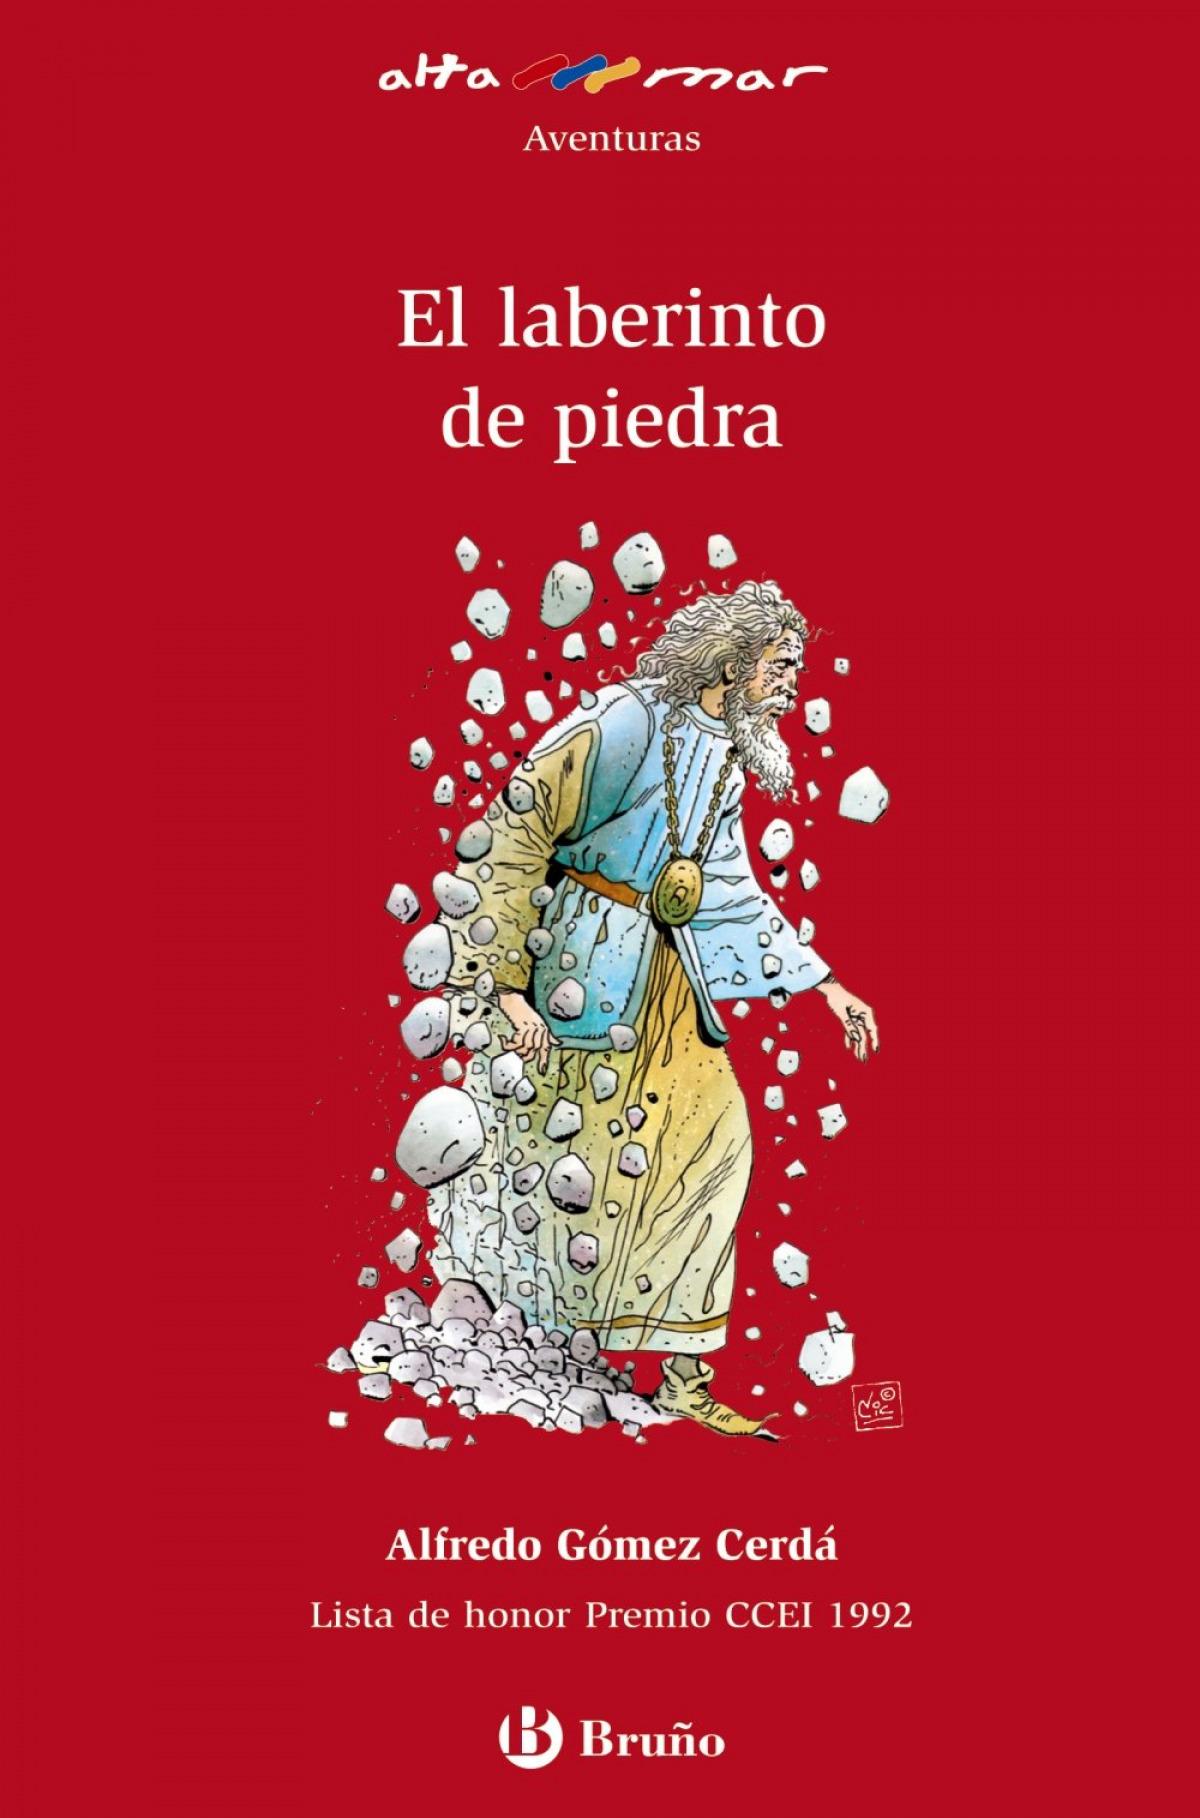 El laberinto de piedra - Gómez Cerdá, Alfredo/Gómez-Cerdá, Alfredo